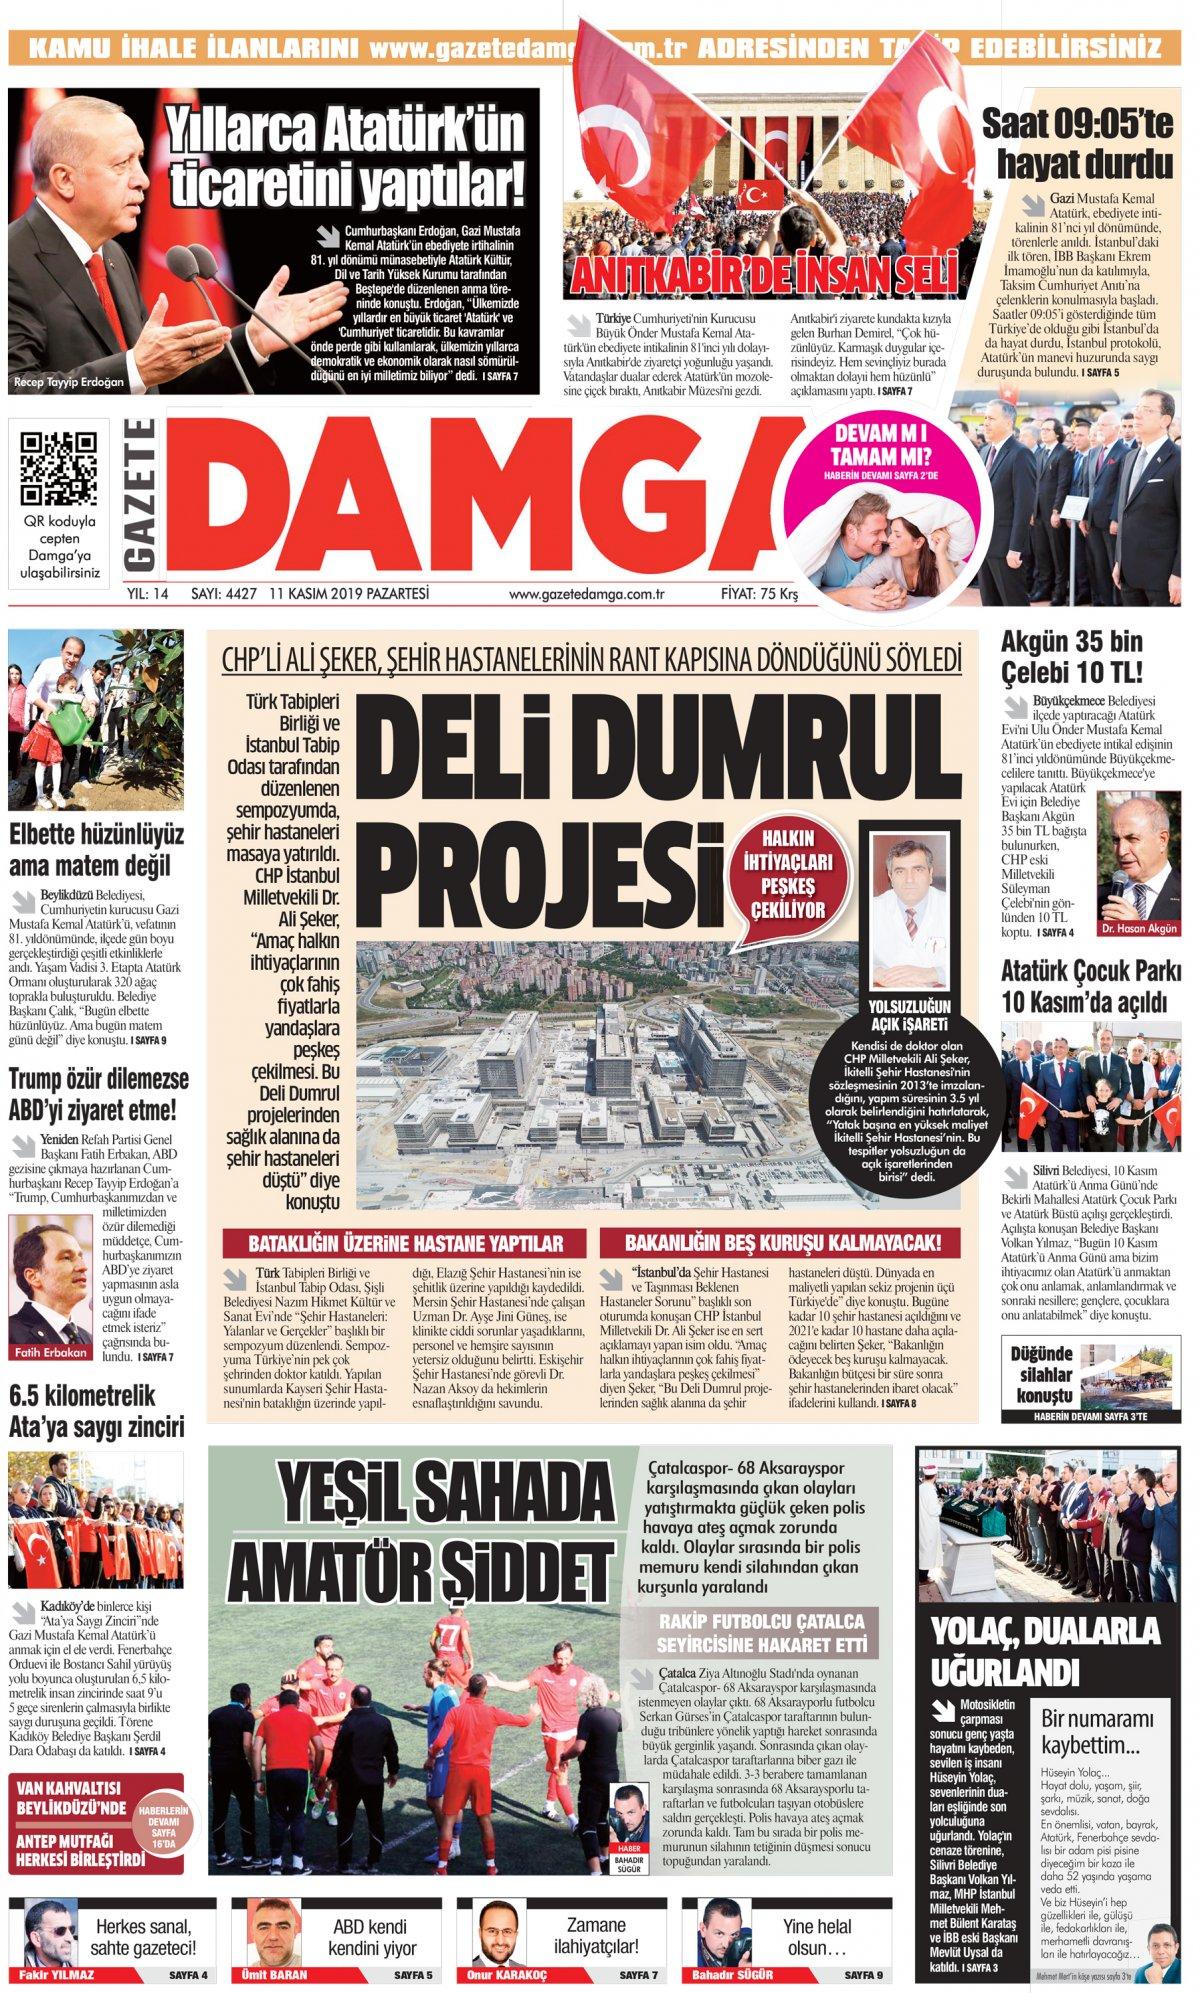 Gazete Damga - 11.11.2019 Sayfaları